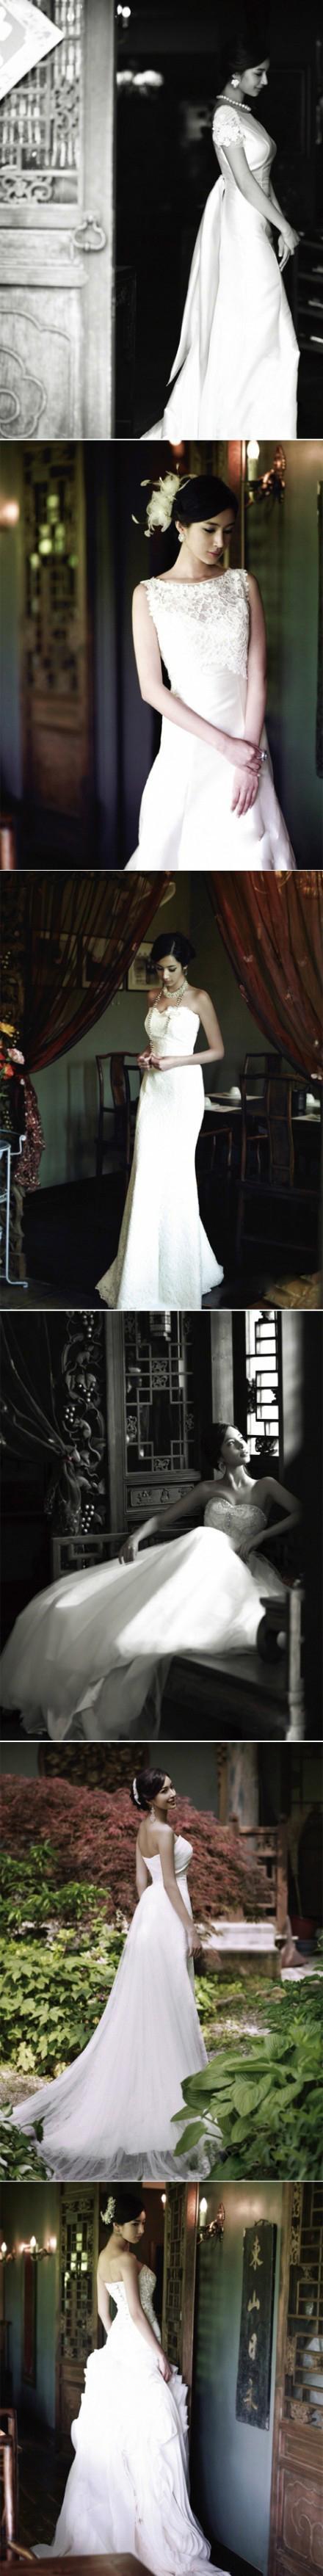 中国婚纱中的高贵典雅